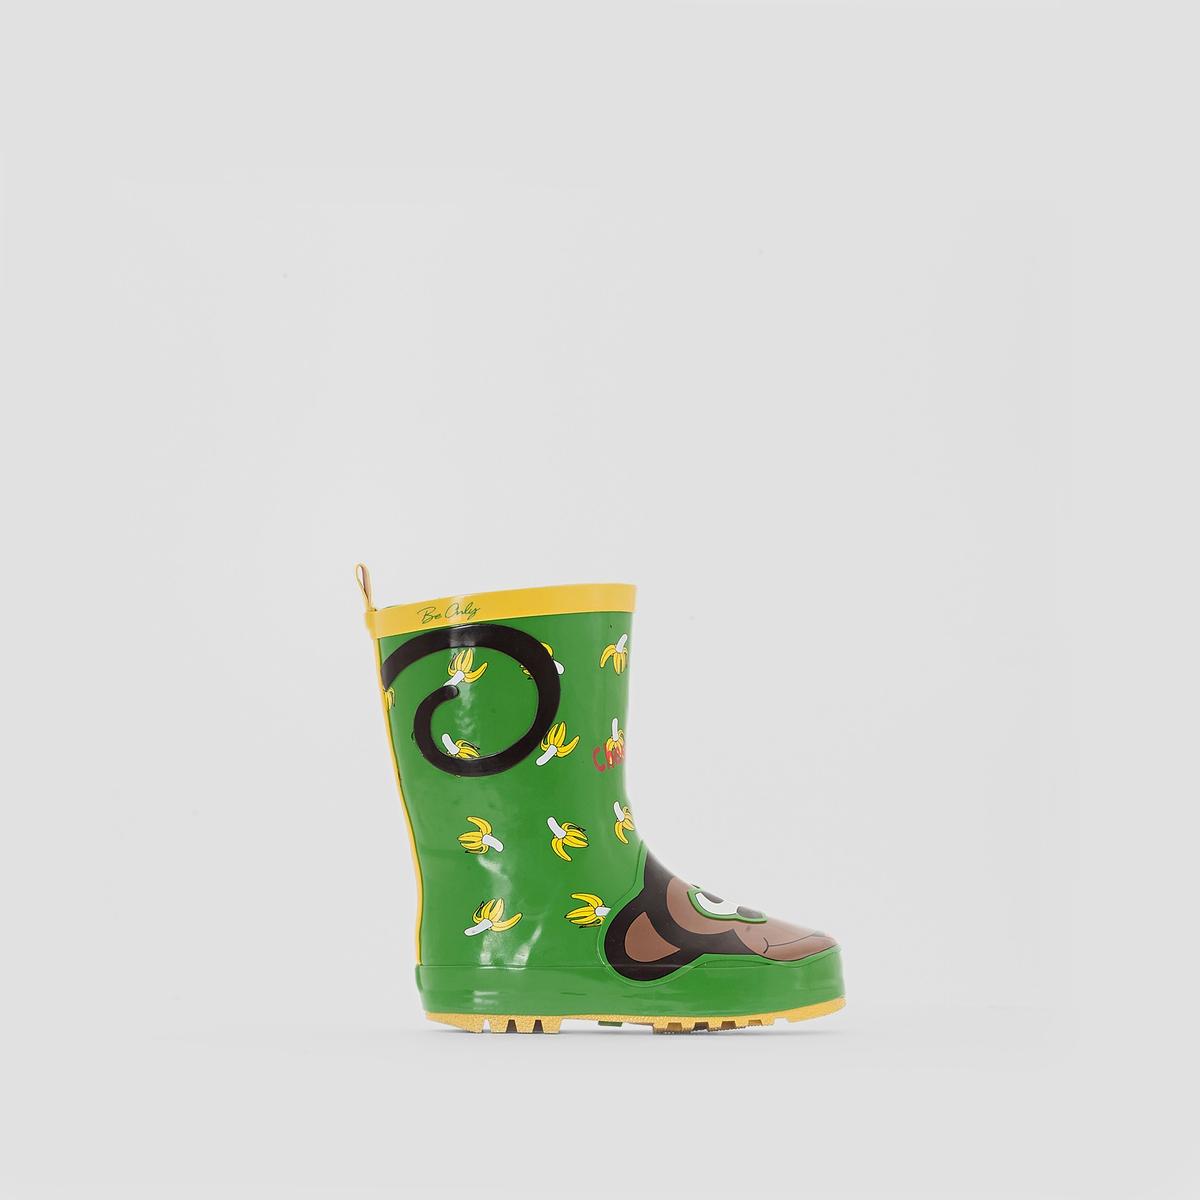 СапогиСапоги PRIMY от Be Only. Верх из каучука. Прокладка и стелька из хлопка. Подошва из каучука. Высота голенища 18 см. Настоящий комфорт благодаря материалу из натурального каучука. Подошва с прекрасными изолирующими свойствами. Красивые зеленые оттенки и анималистичный принт!<br><br>Цвет: зеленый